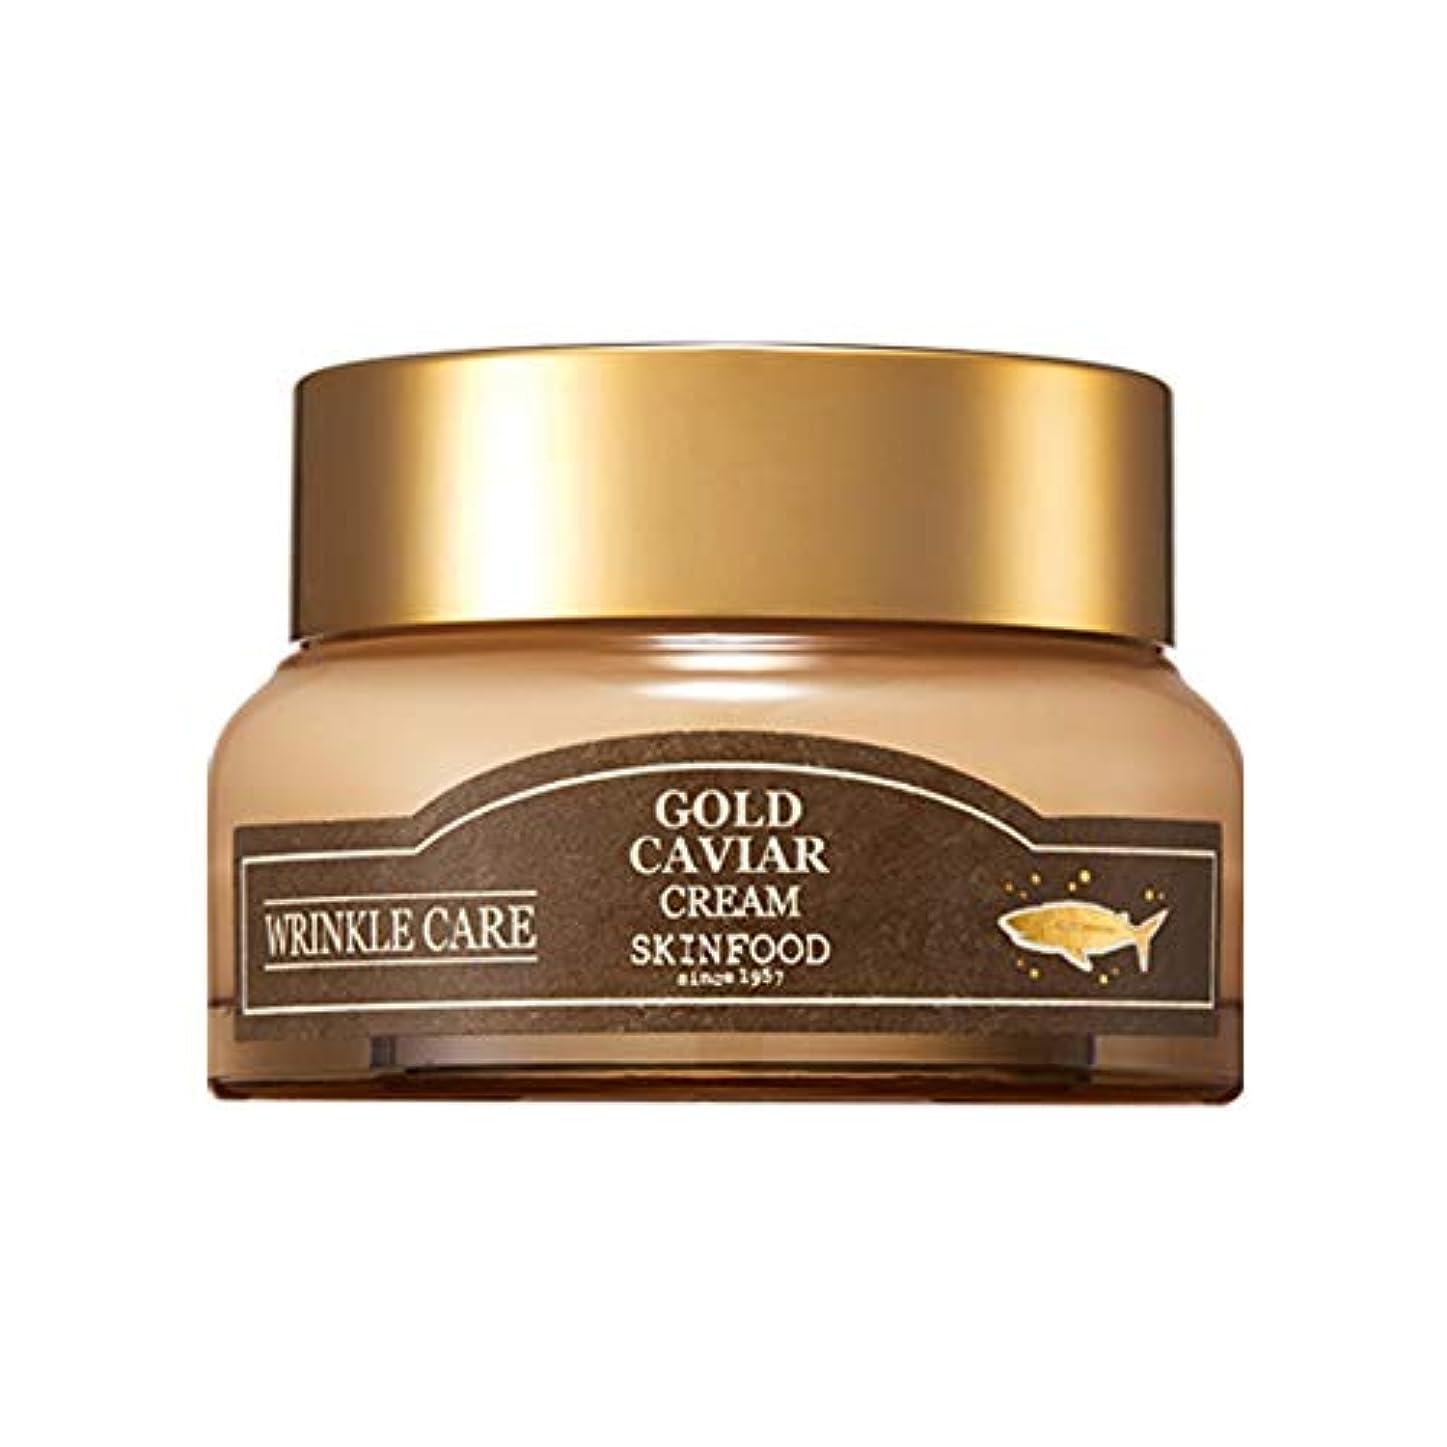 葡萄ぼろどれでもSkinfood ゴールドキャビアクリーム[しわケア用化粧品] / Gold Caviar Cream [Cosmeceutical for wrinkle care] 54ml [並行輸入品]